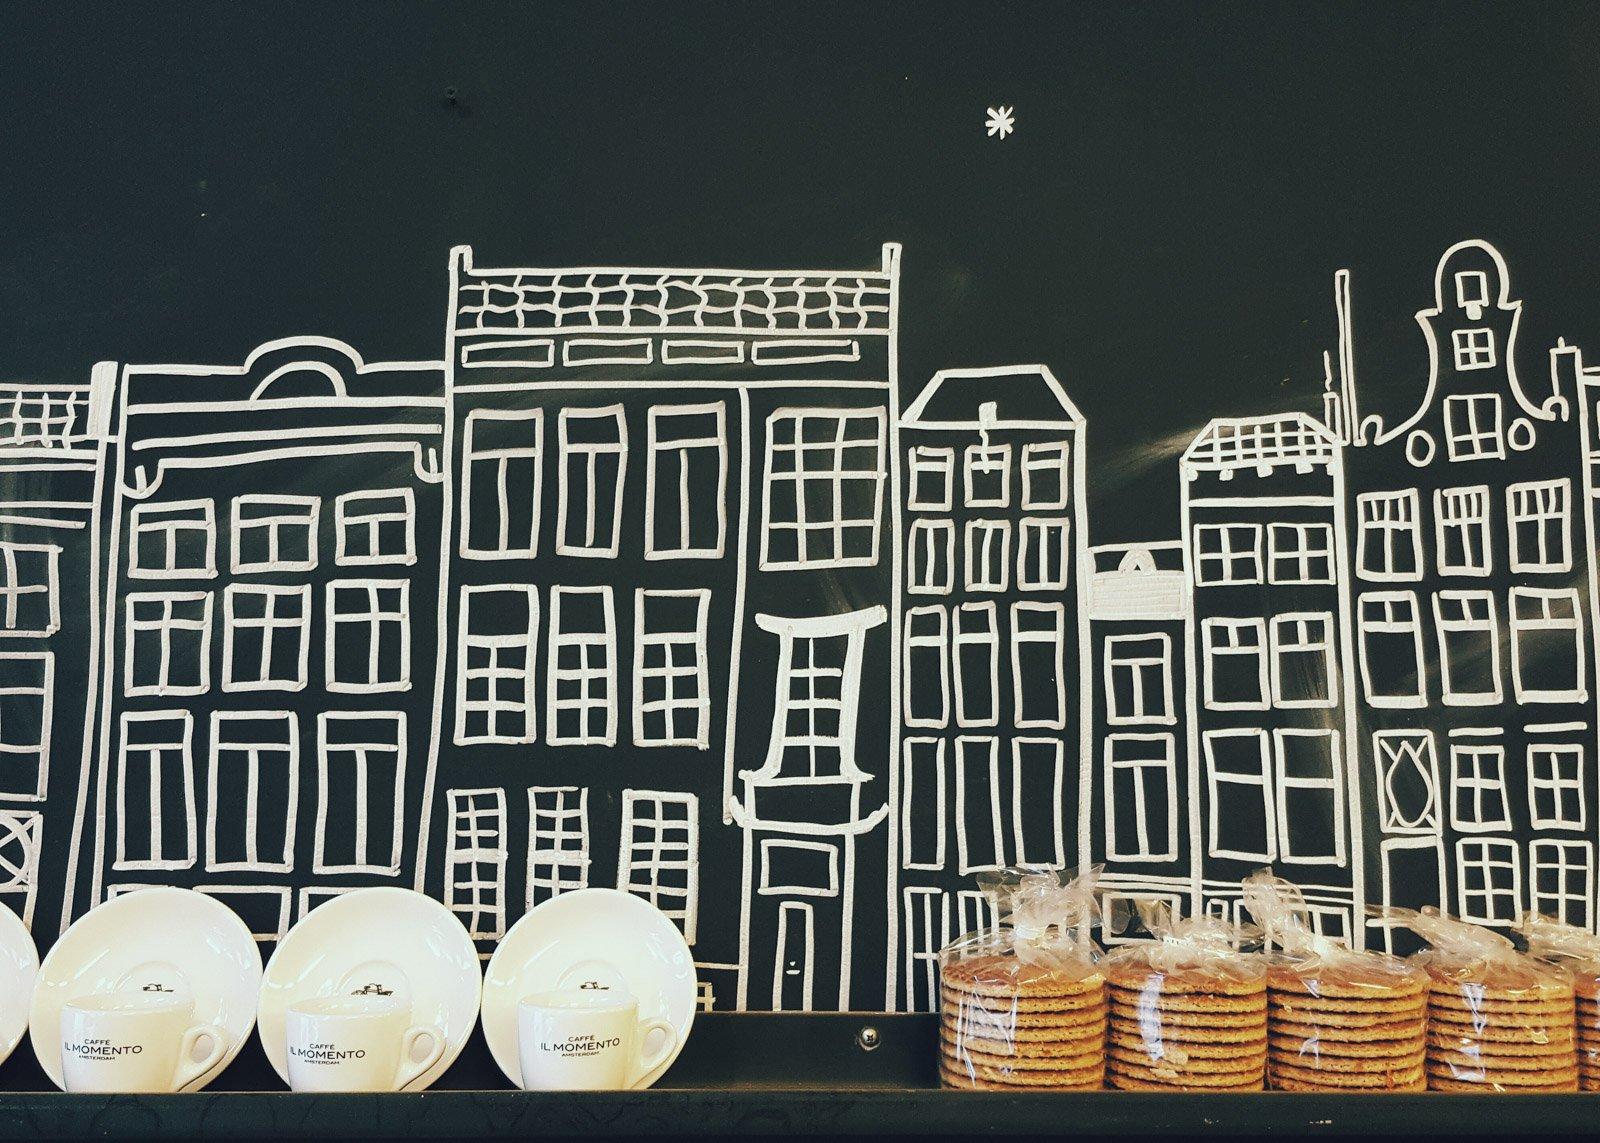 il momento coffee amsterdam